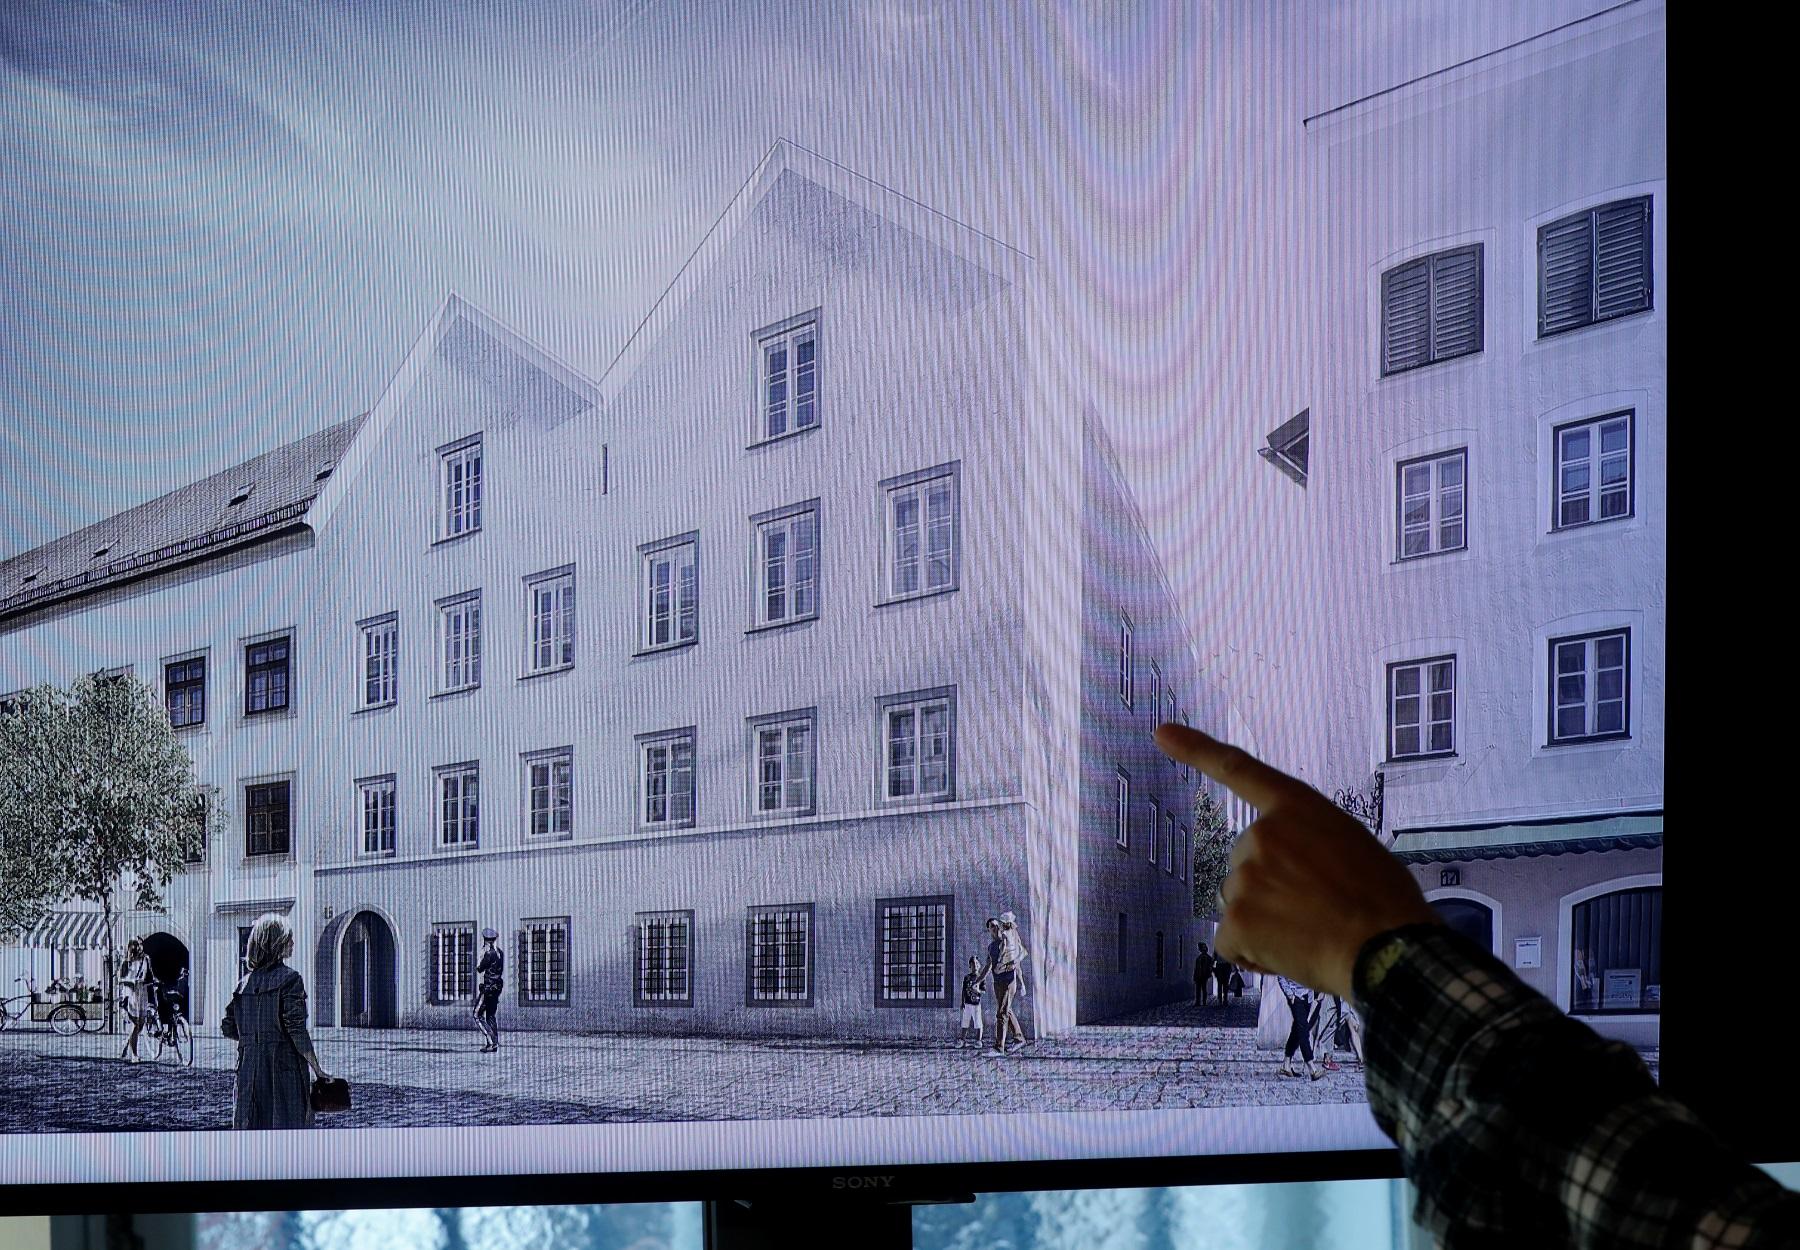 """Χίτλερ: Σάλος για τα σχέδια ανακαίνισης του σπιτιού που γεννήθηκε – """"Ξηλώνουν"""" αντιναζιστική επιγραφή (pics)"""